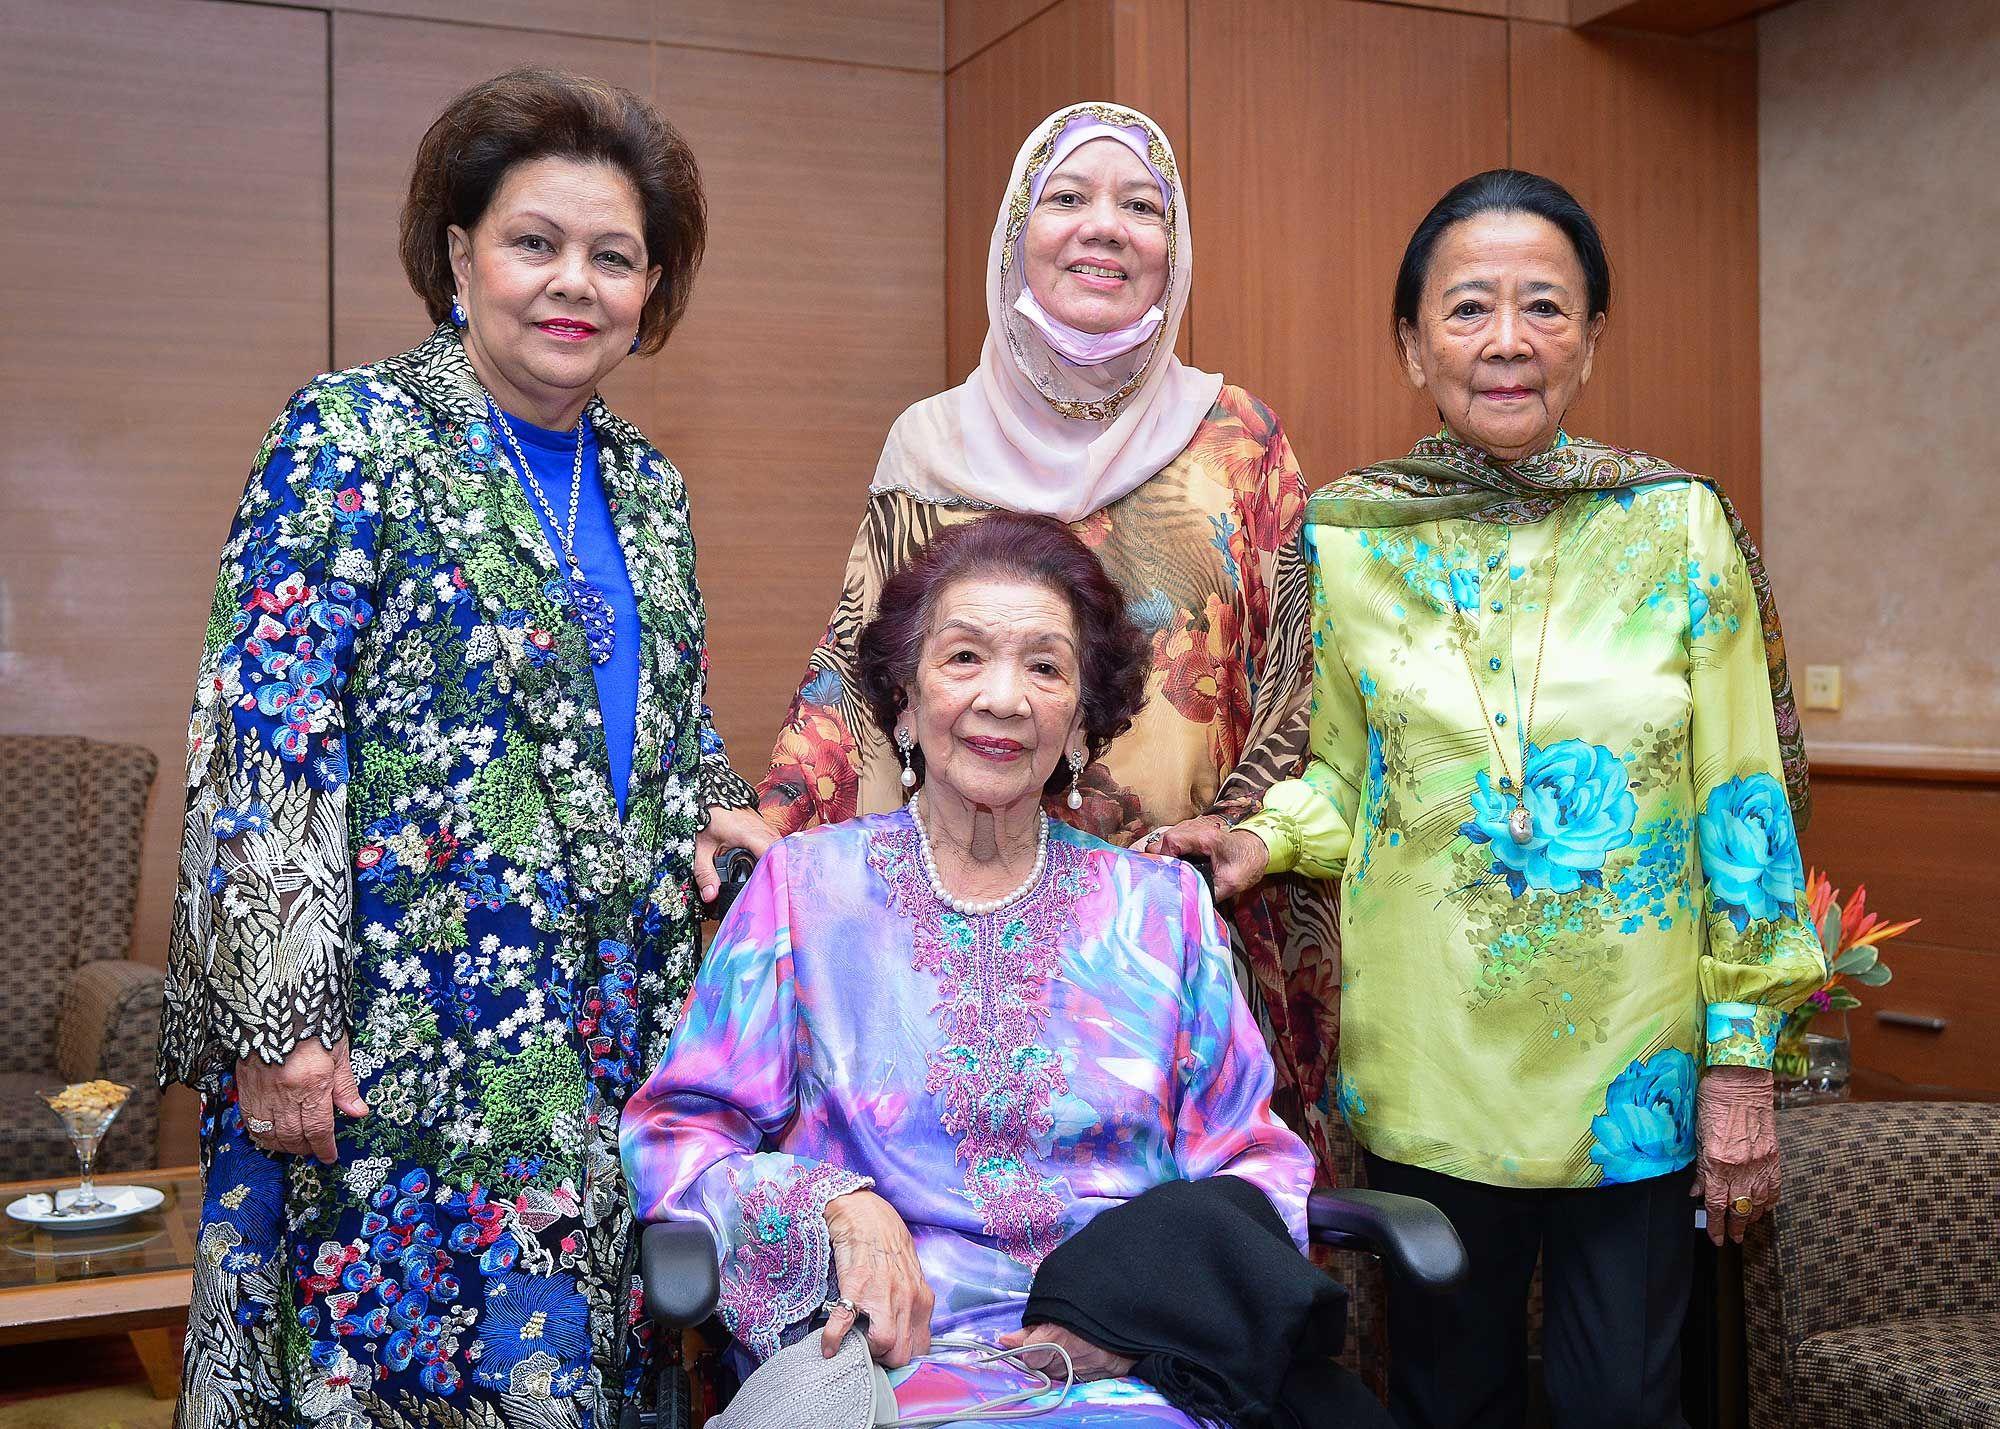 Tunku Puan Sri Arishah Tunku Maamor, Tunku Datin Maztom Tunku Maamor, Tunku Shahariah Tuanku Abdul Rahman and Dato' Seri Tunku Sakinah